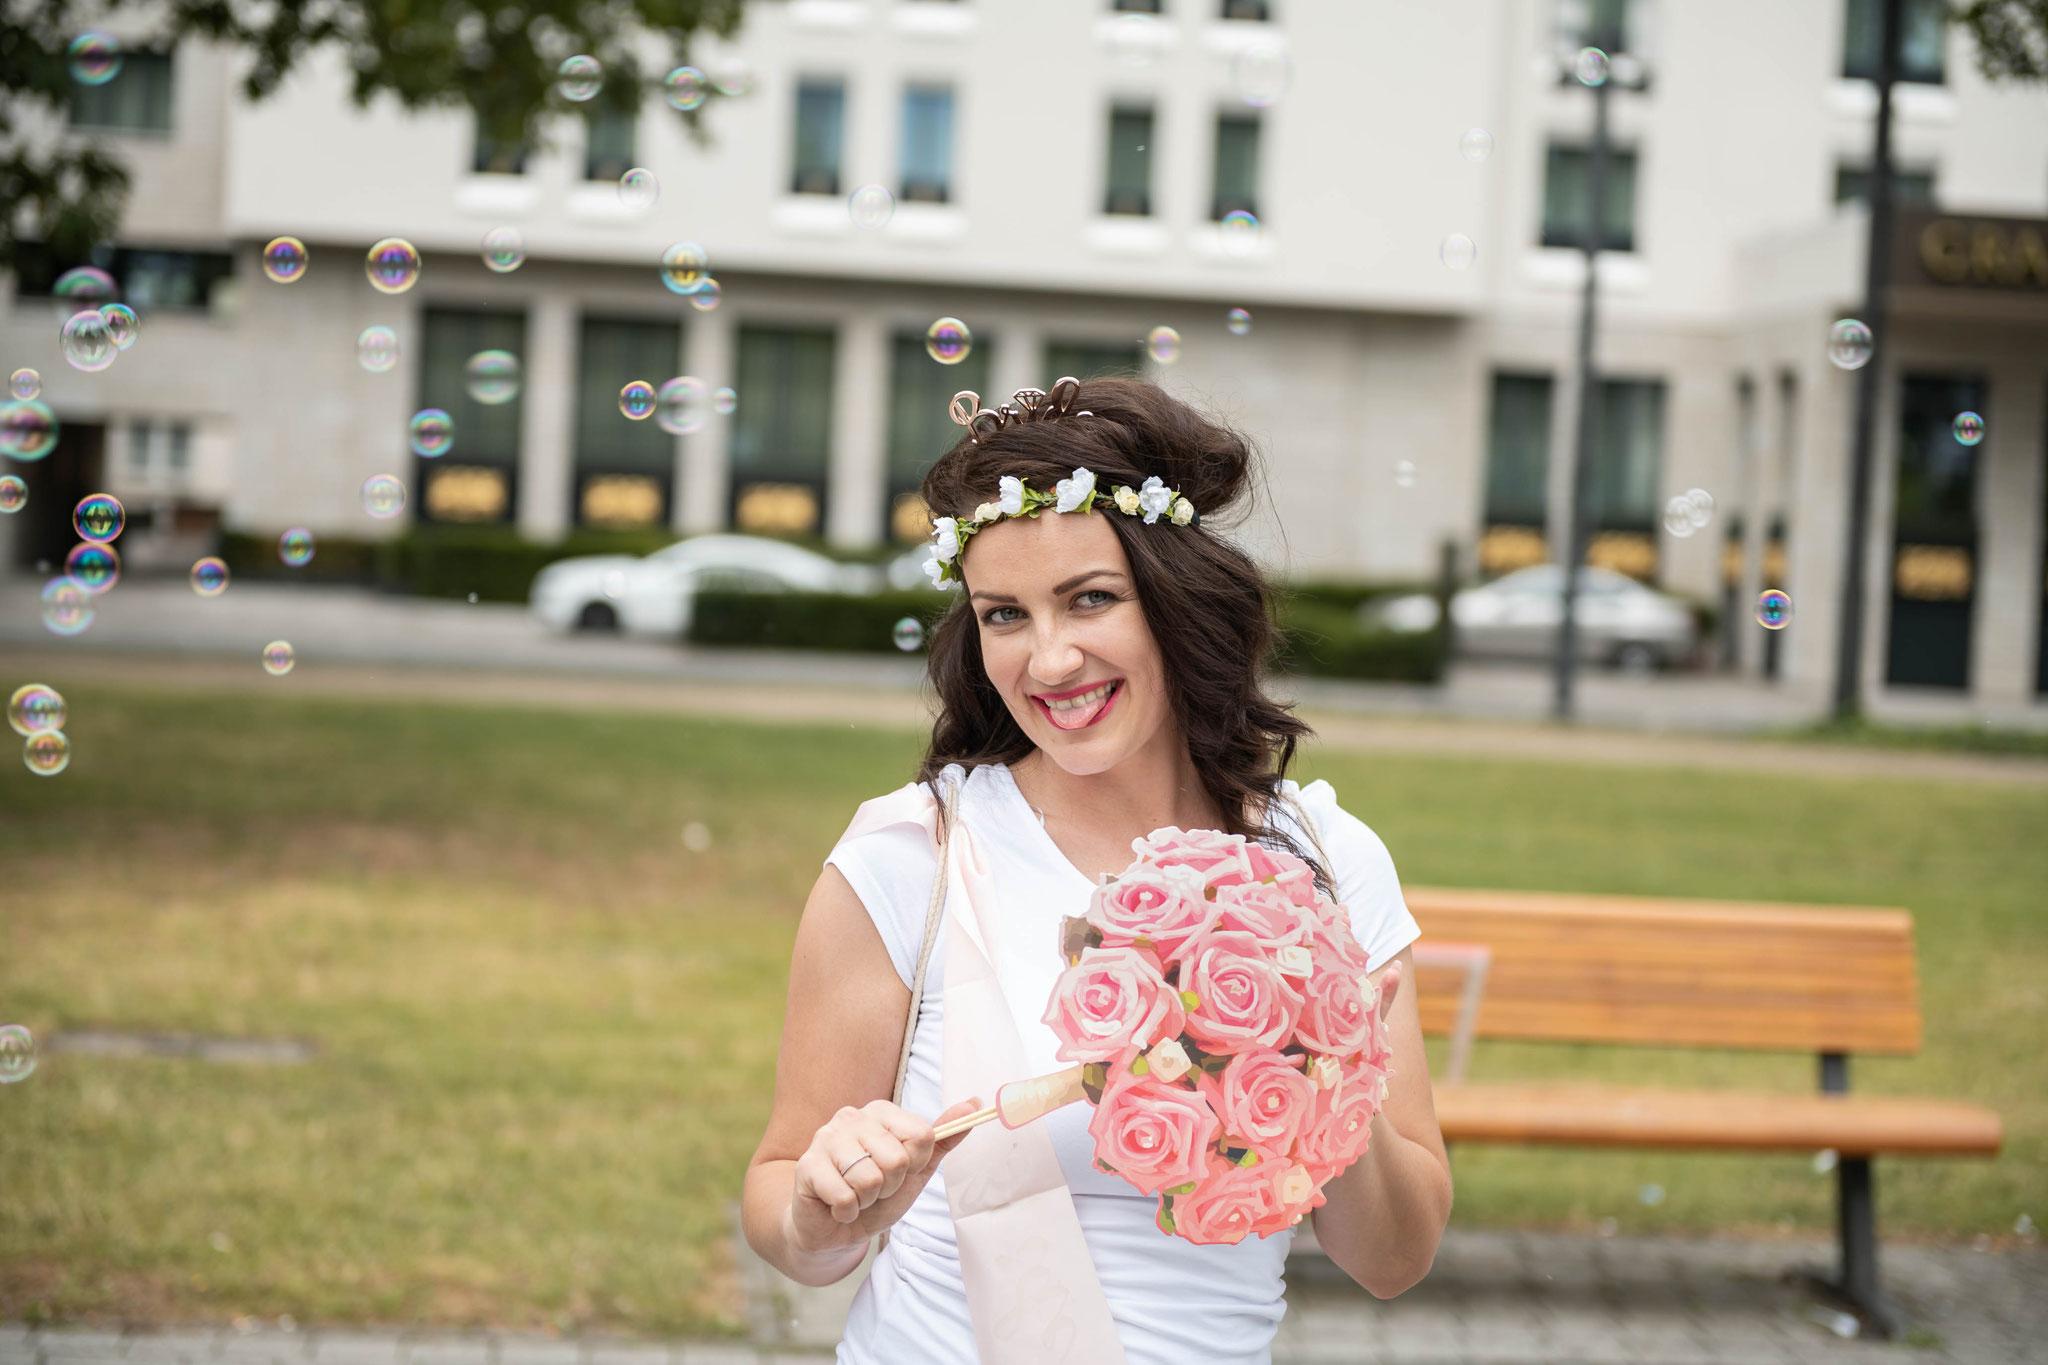 Die zukünftige Braut bereitet sich moralisch drauf vor